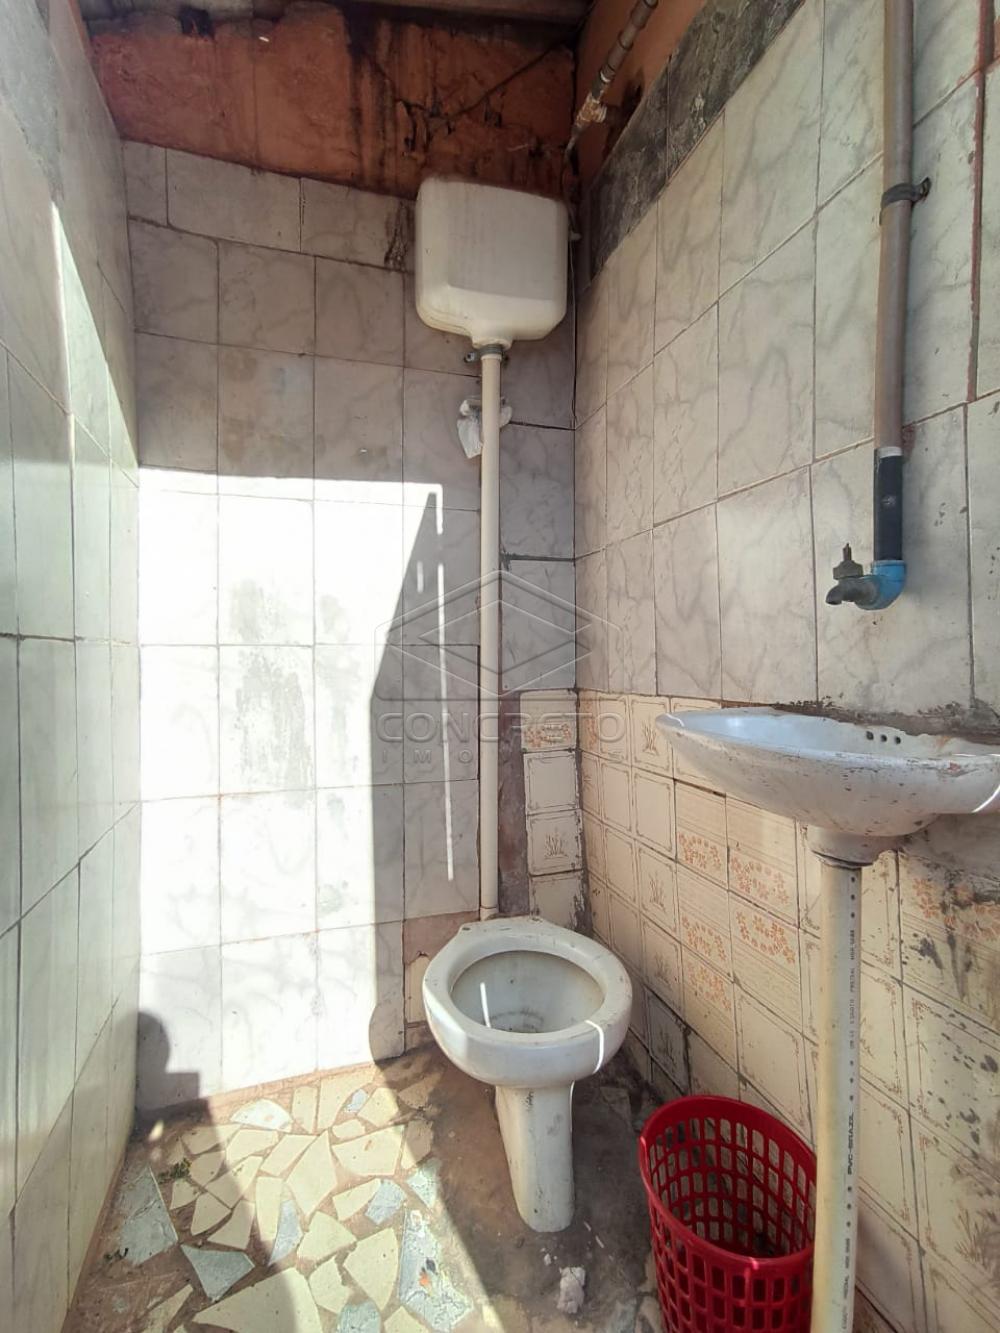 Alugar Comercial / Salão em Bauru R$ 700,00 - Foto 4